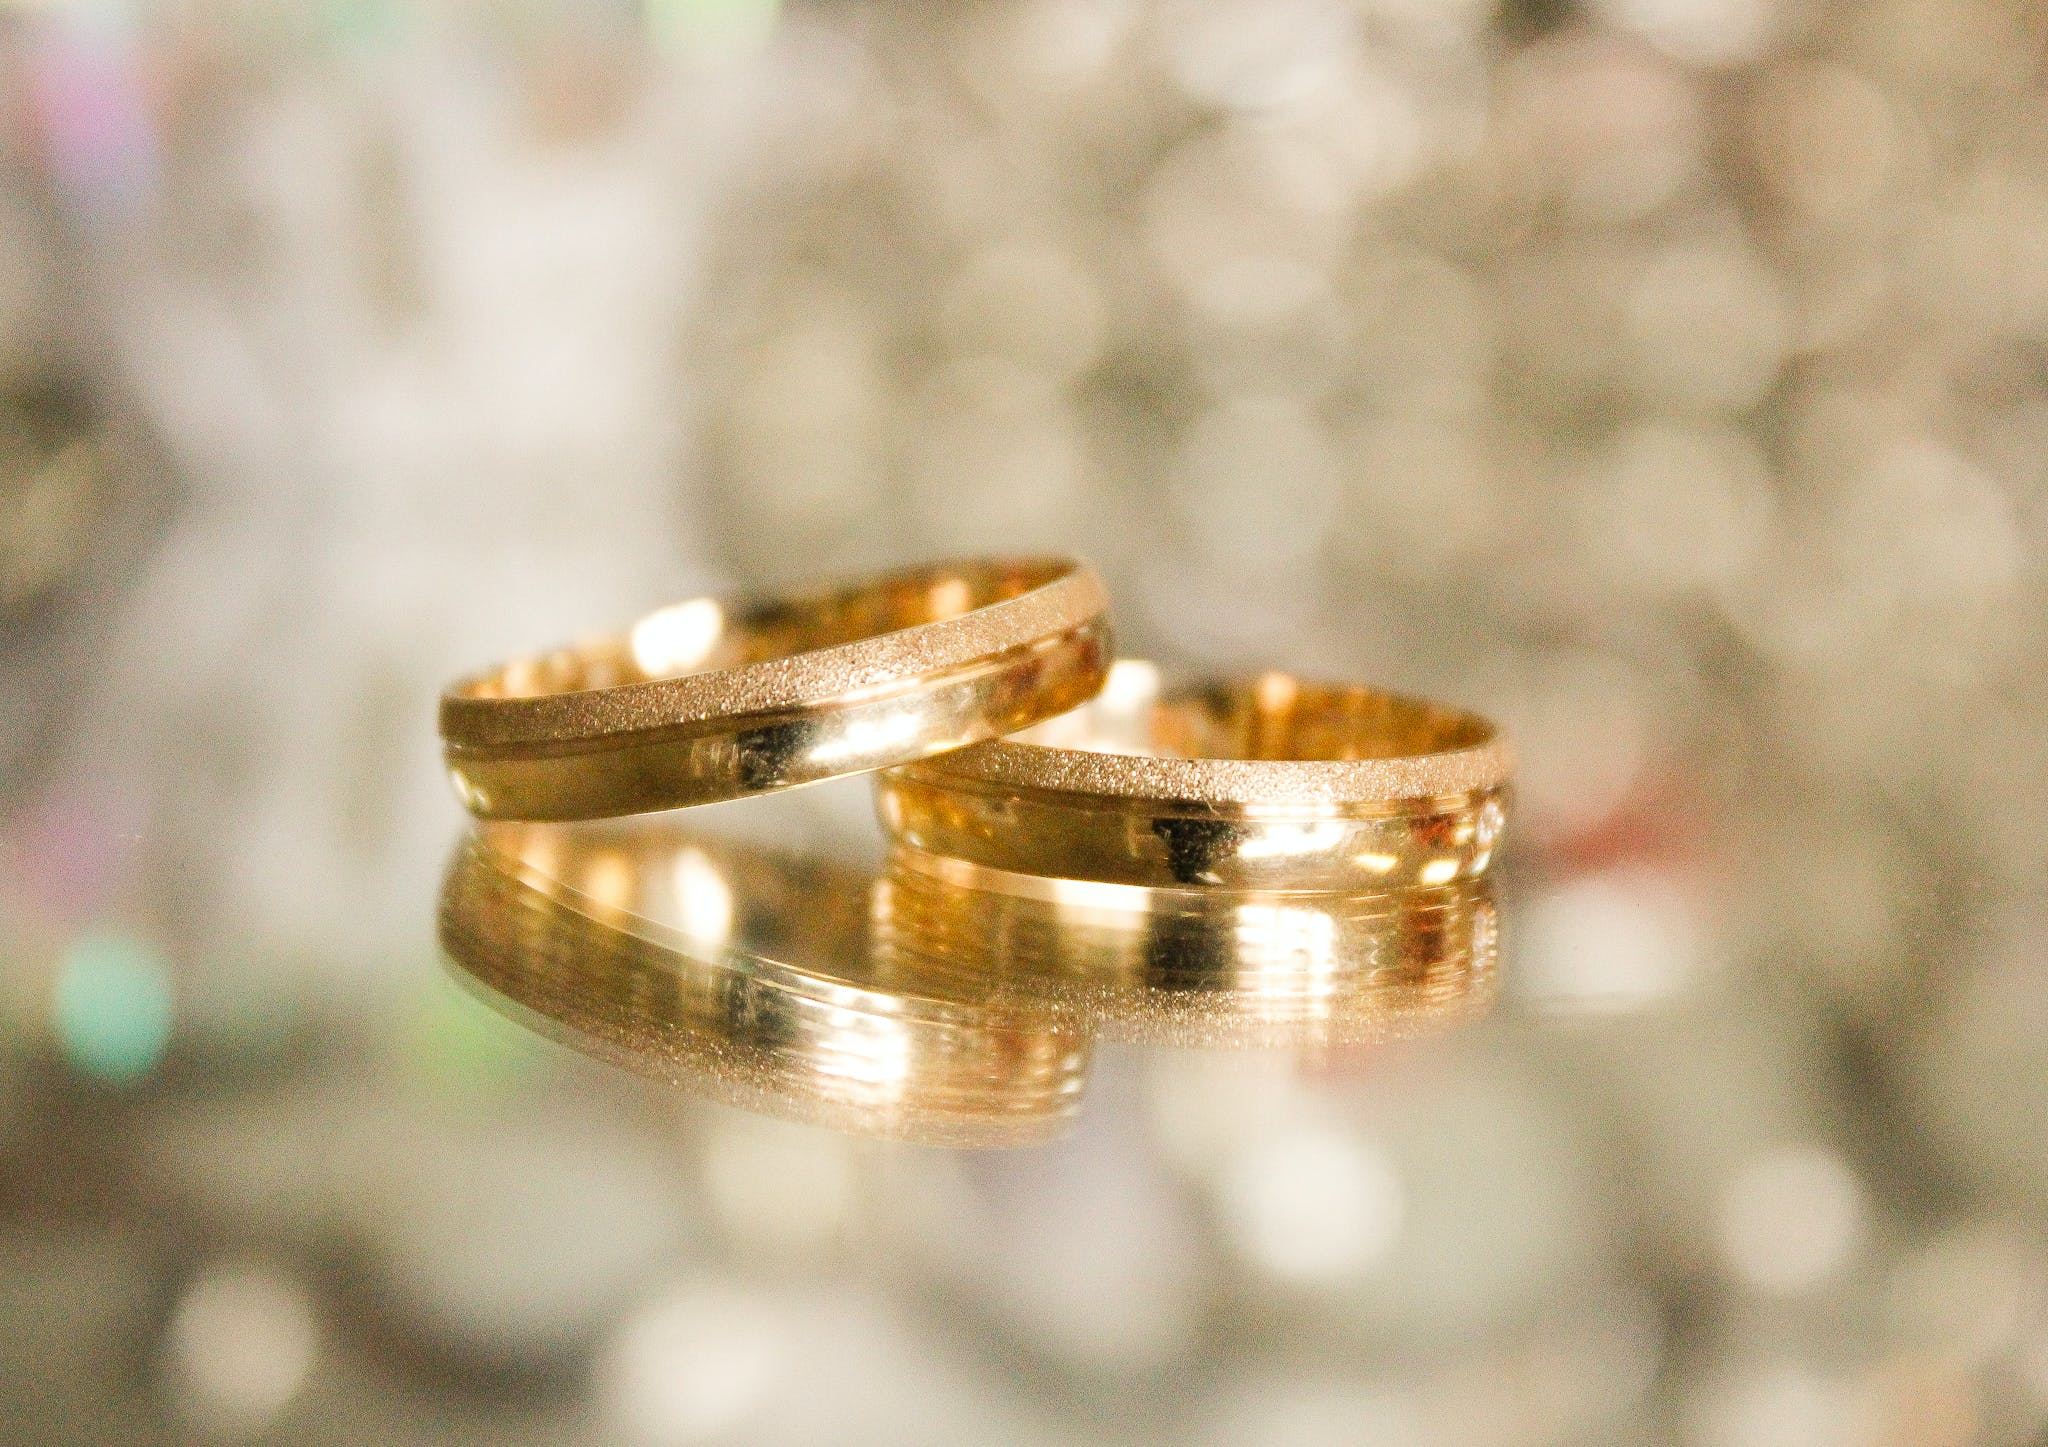 Kostenloses Stock Foto zu eheringe, gold, kostbar, leuchtenden